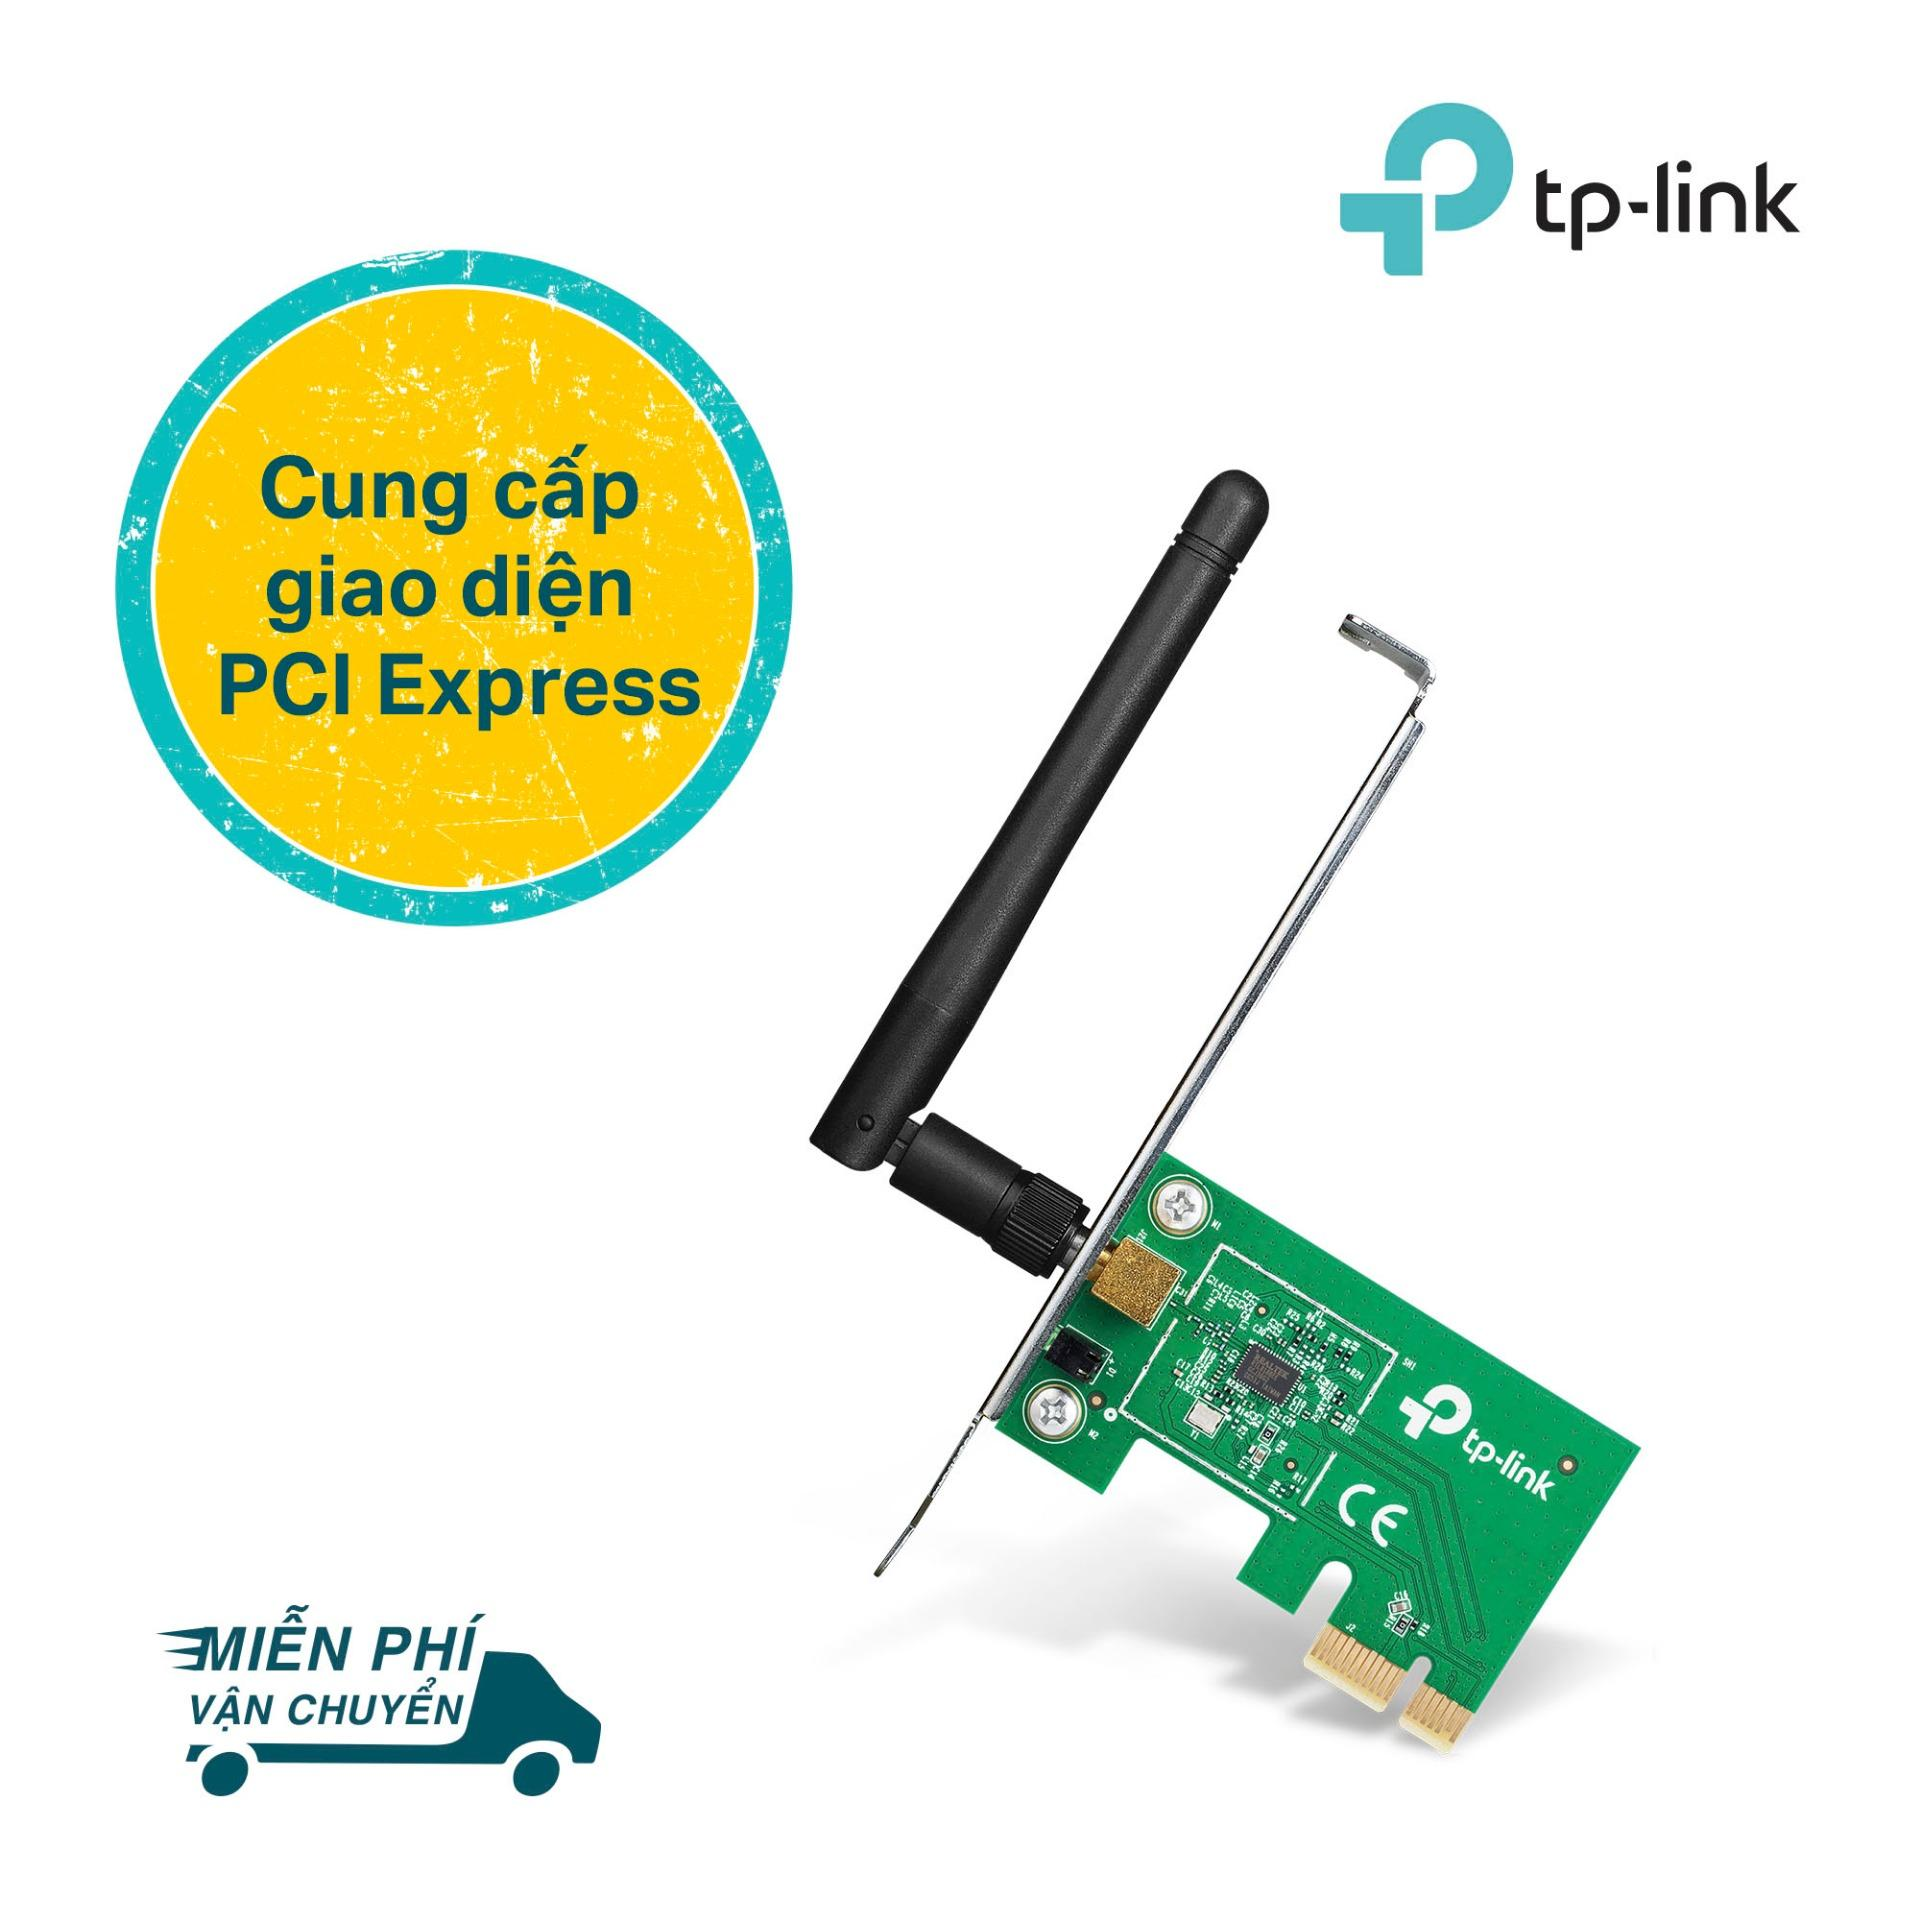 TP-Link Card mạng PCI Express Wifi Băng tần kép Chuẩn N 150Mbps Kết nối bảo mật cao- TL-WN781ND-Hãng phân phối chính thức